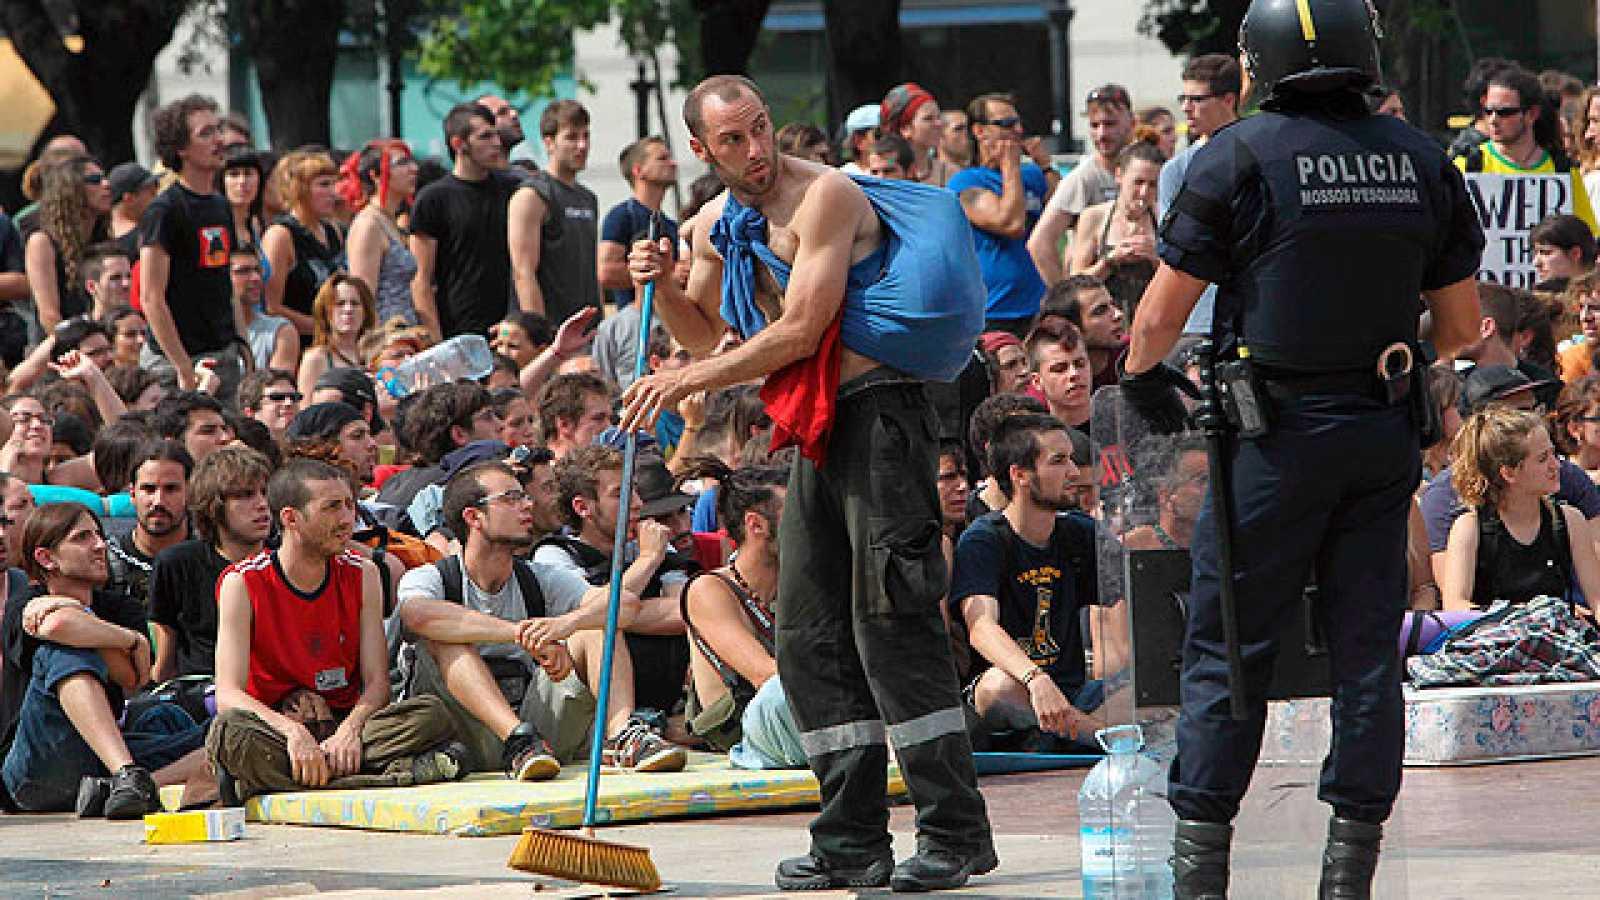 La Plaza de Cataluña vuelve a estar llena de gente tras el desalojo de esta mañana